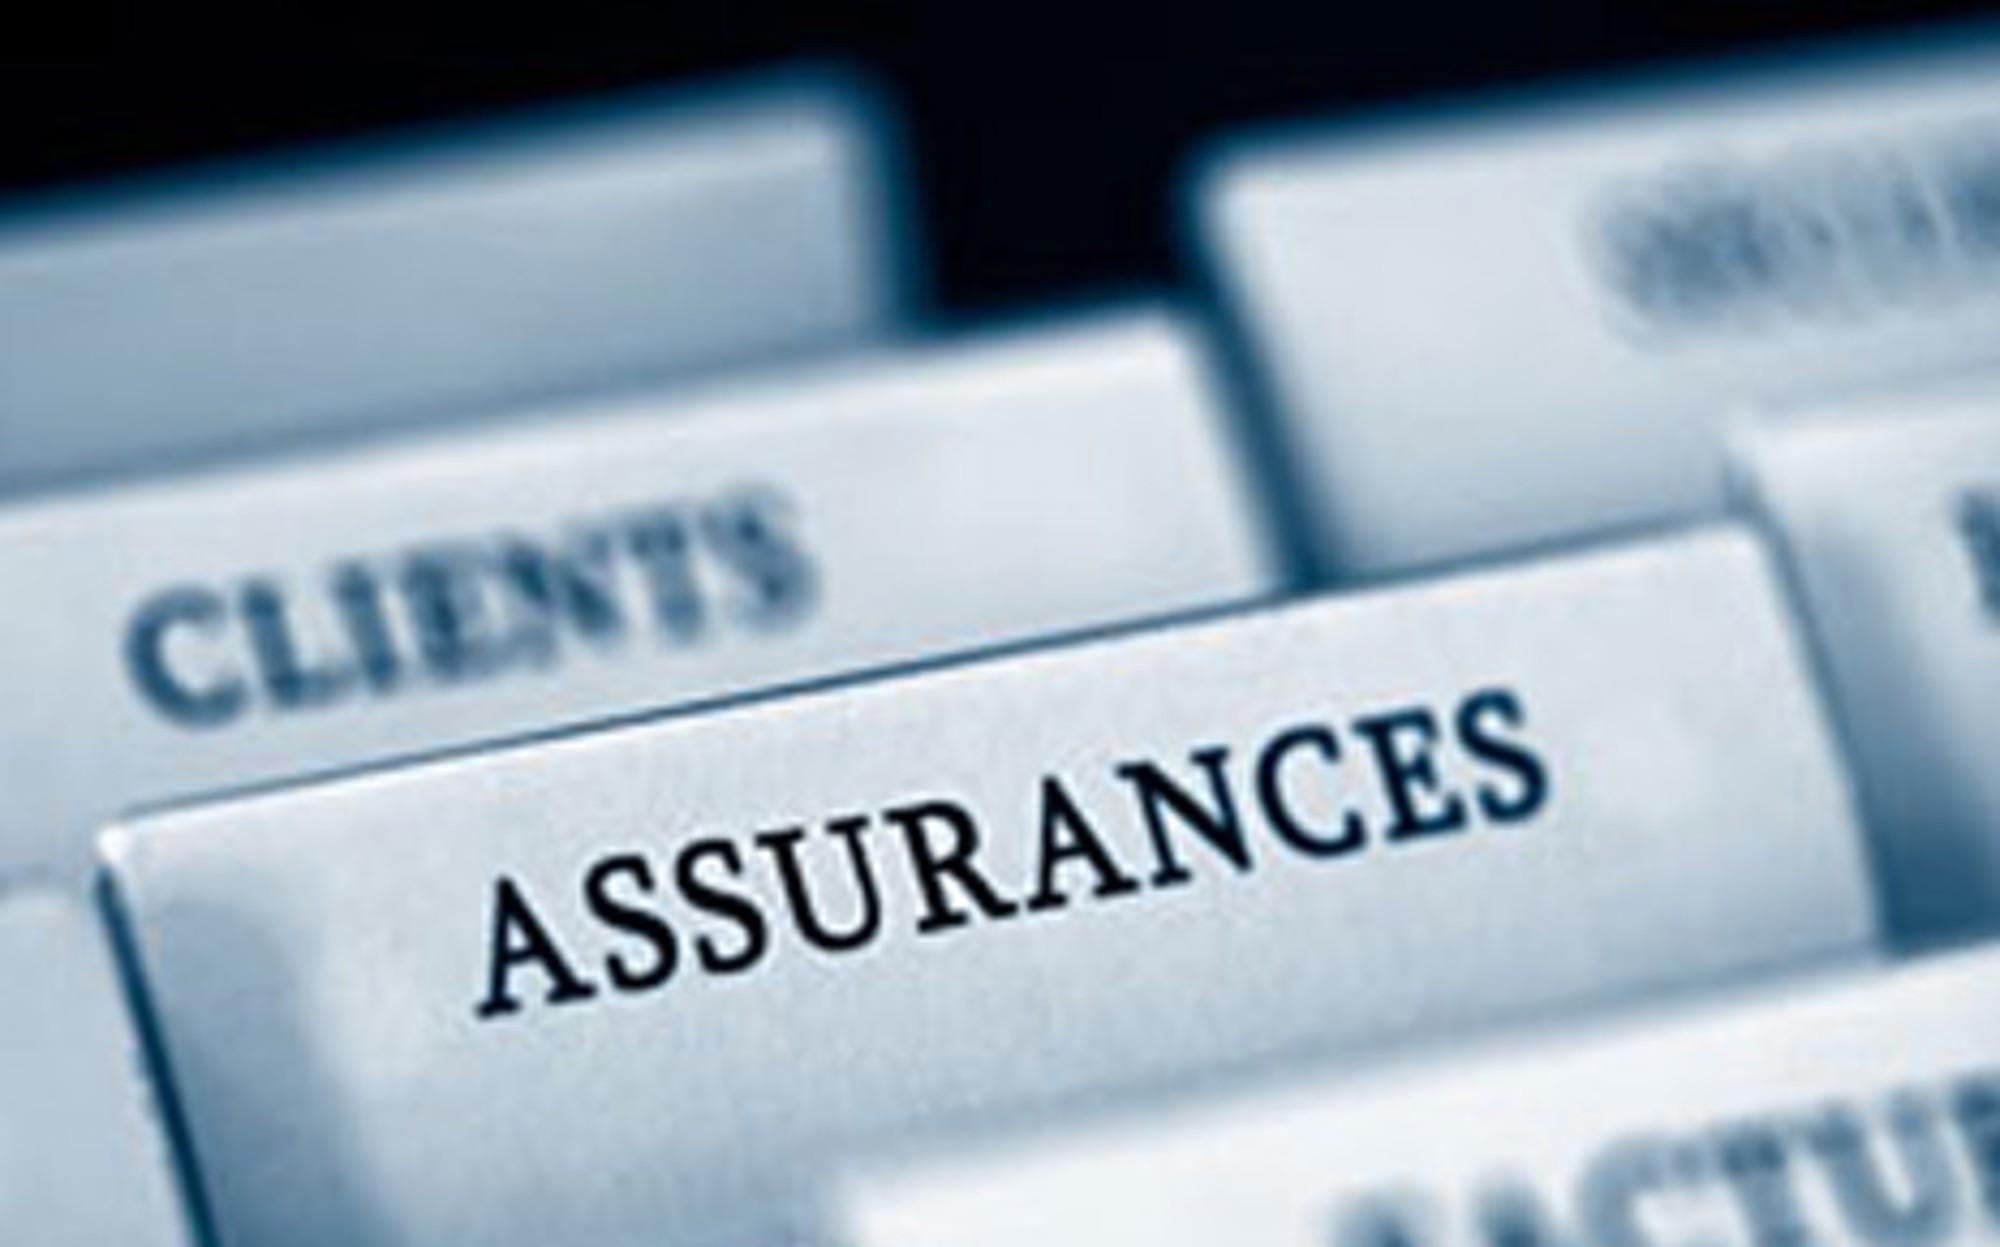 Assurance rapide : où peut-on souscrire des polices d'assurances en France ?